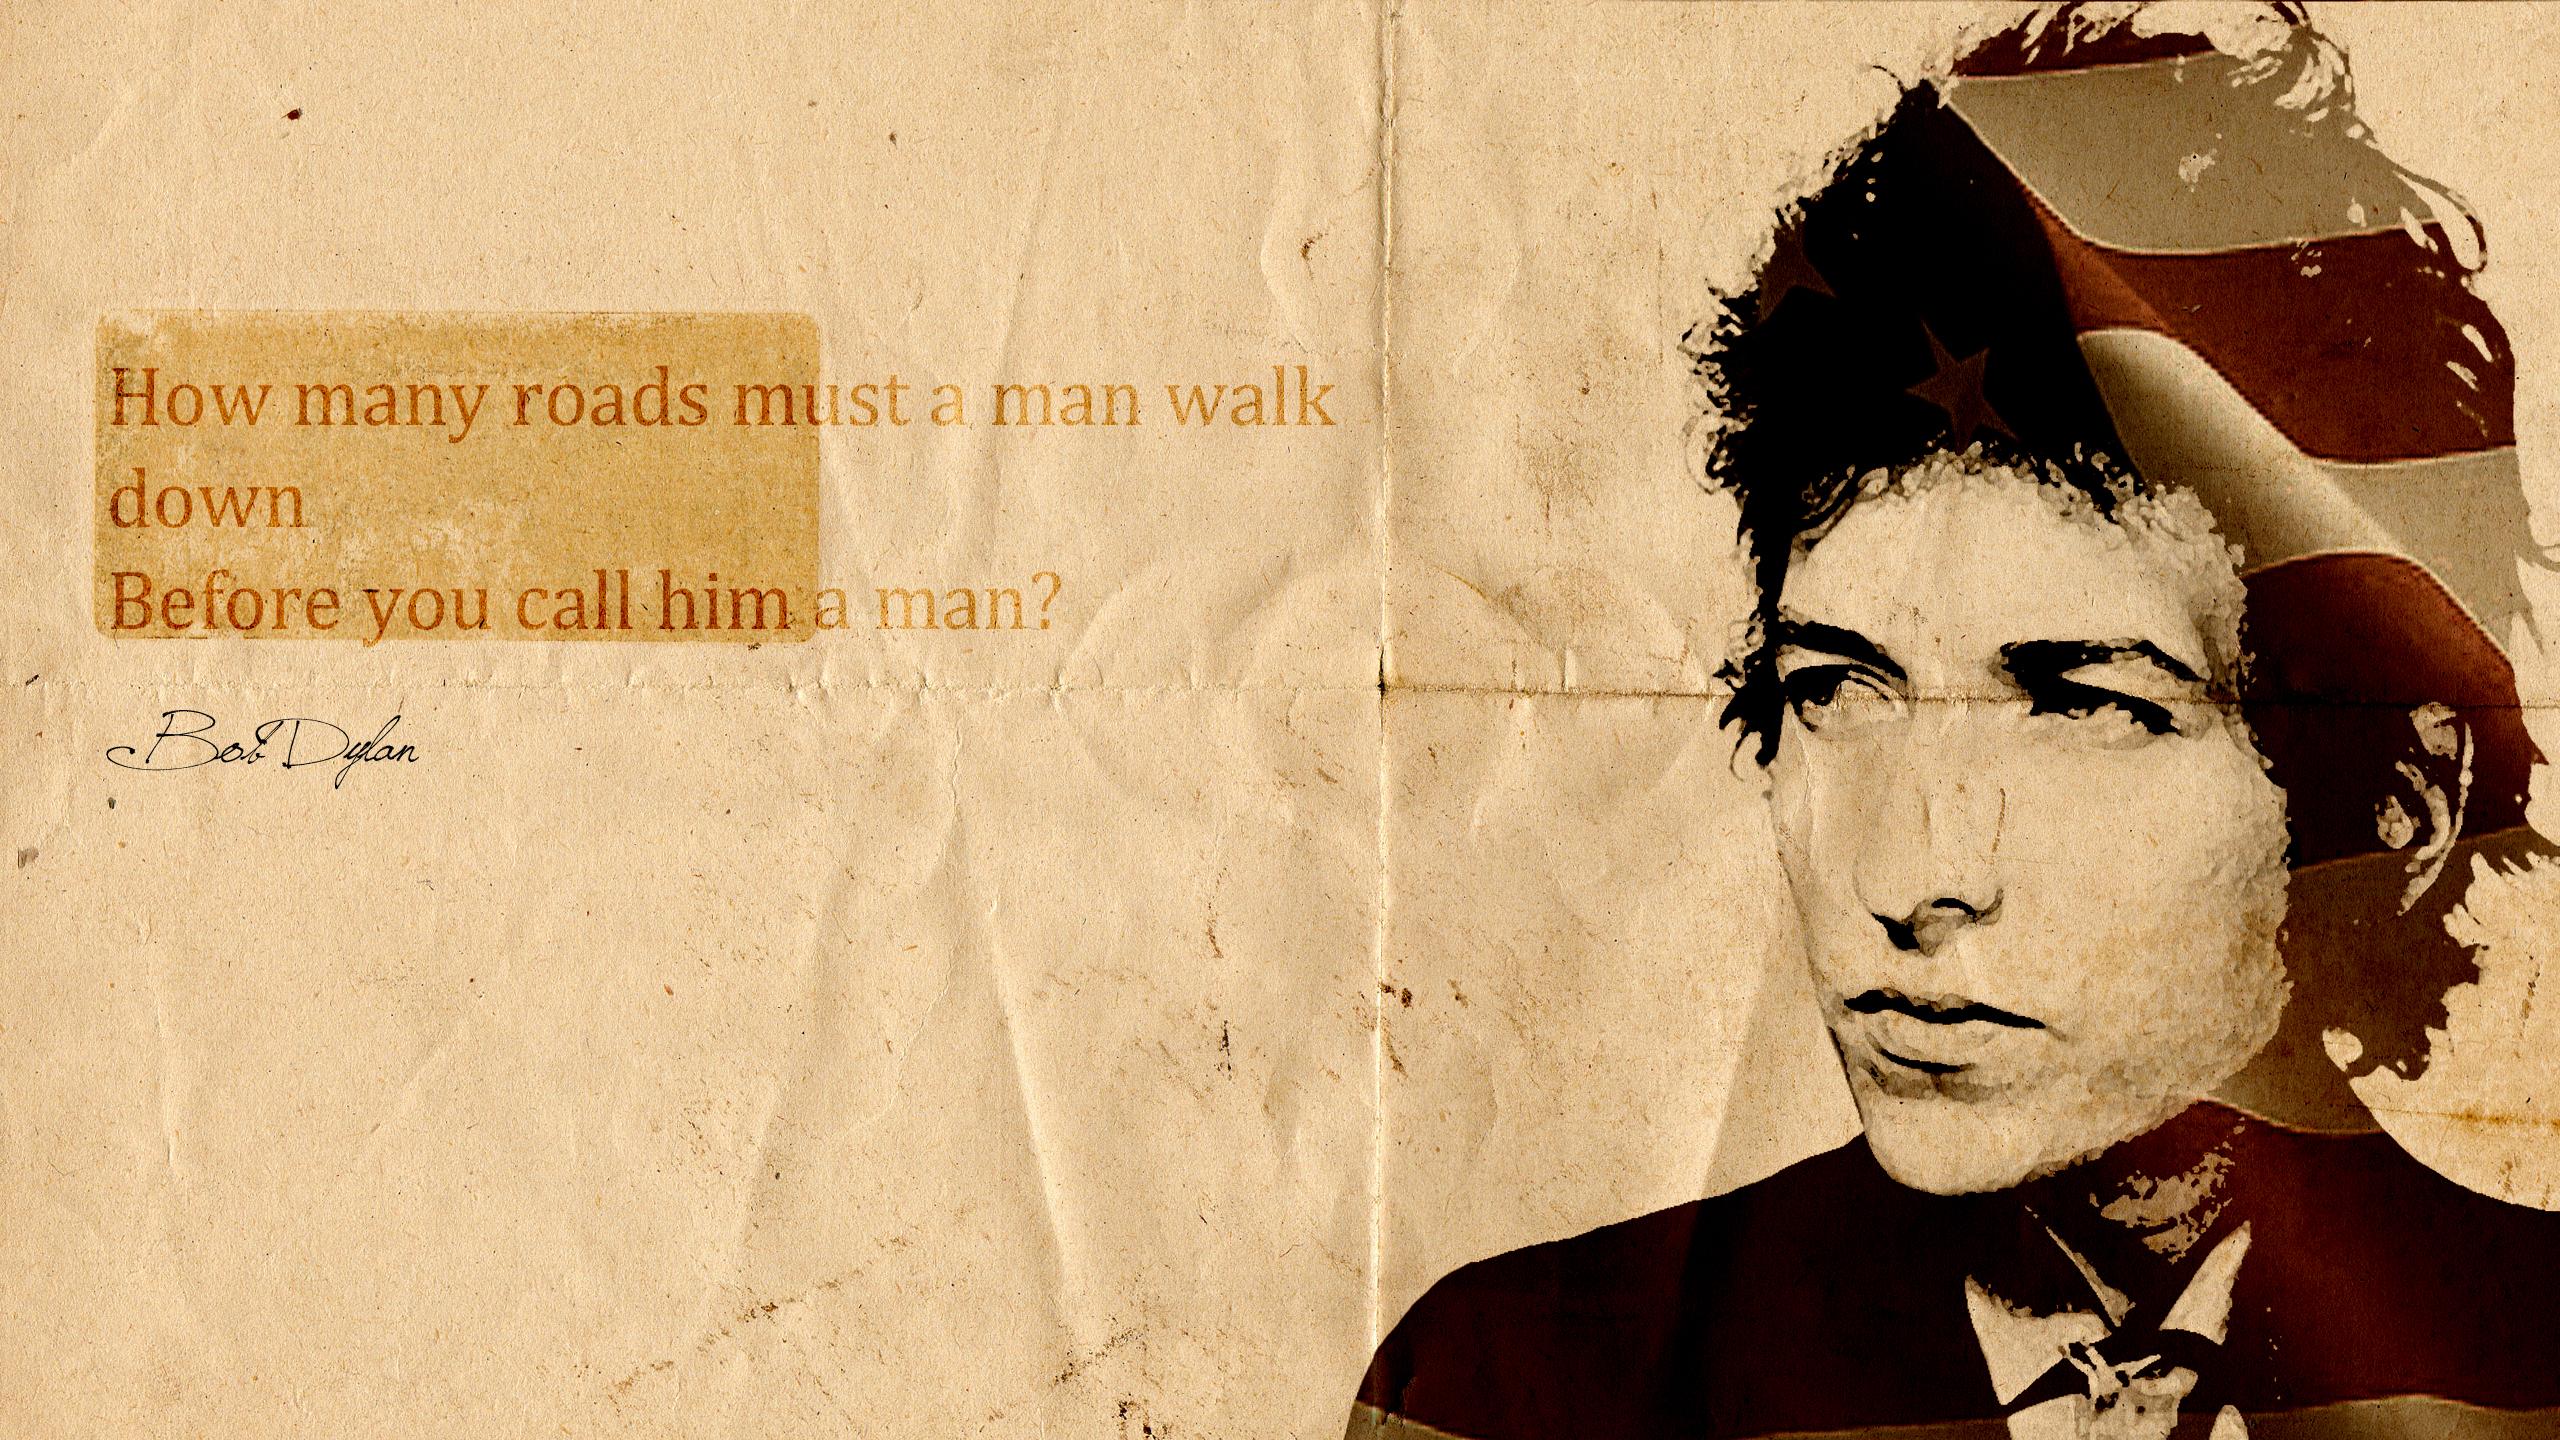 bob dylan wallpaper 1060578